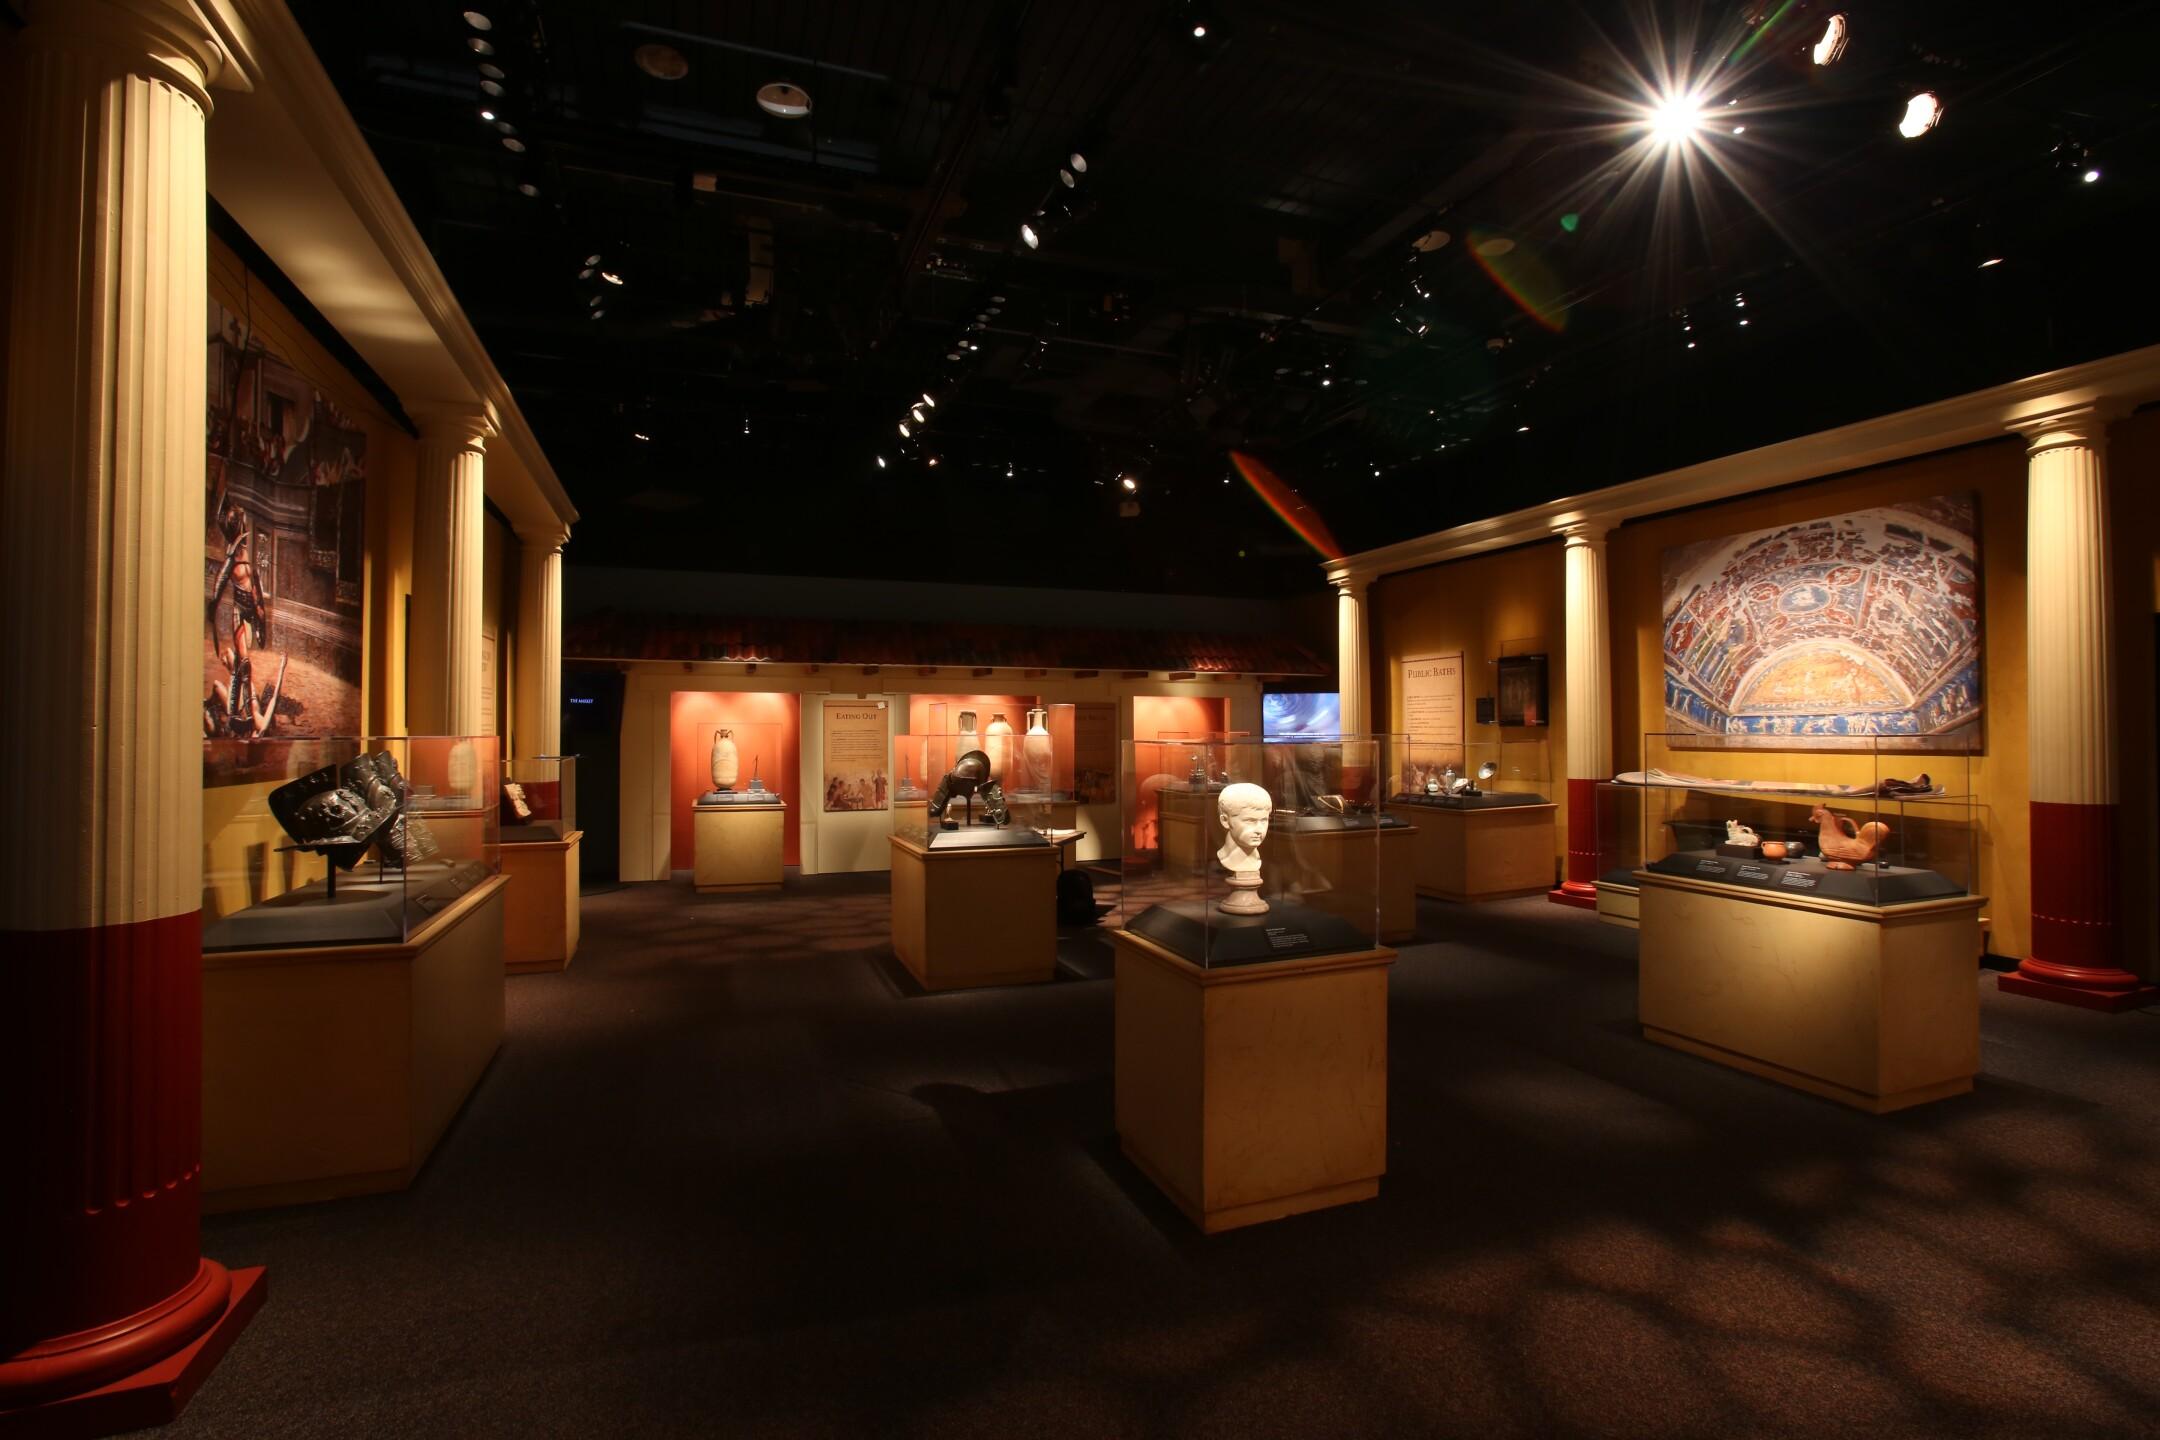 Photos: Pompeii: The Exhibit to bring more than 150 artifacts to Salt Lake City's LeonardoMuseum